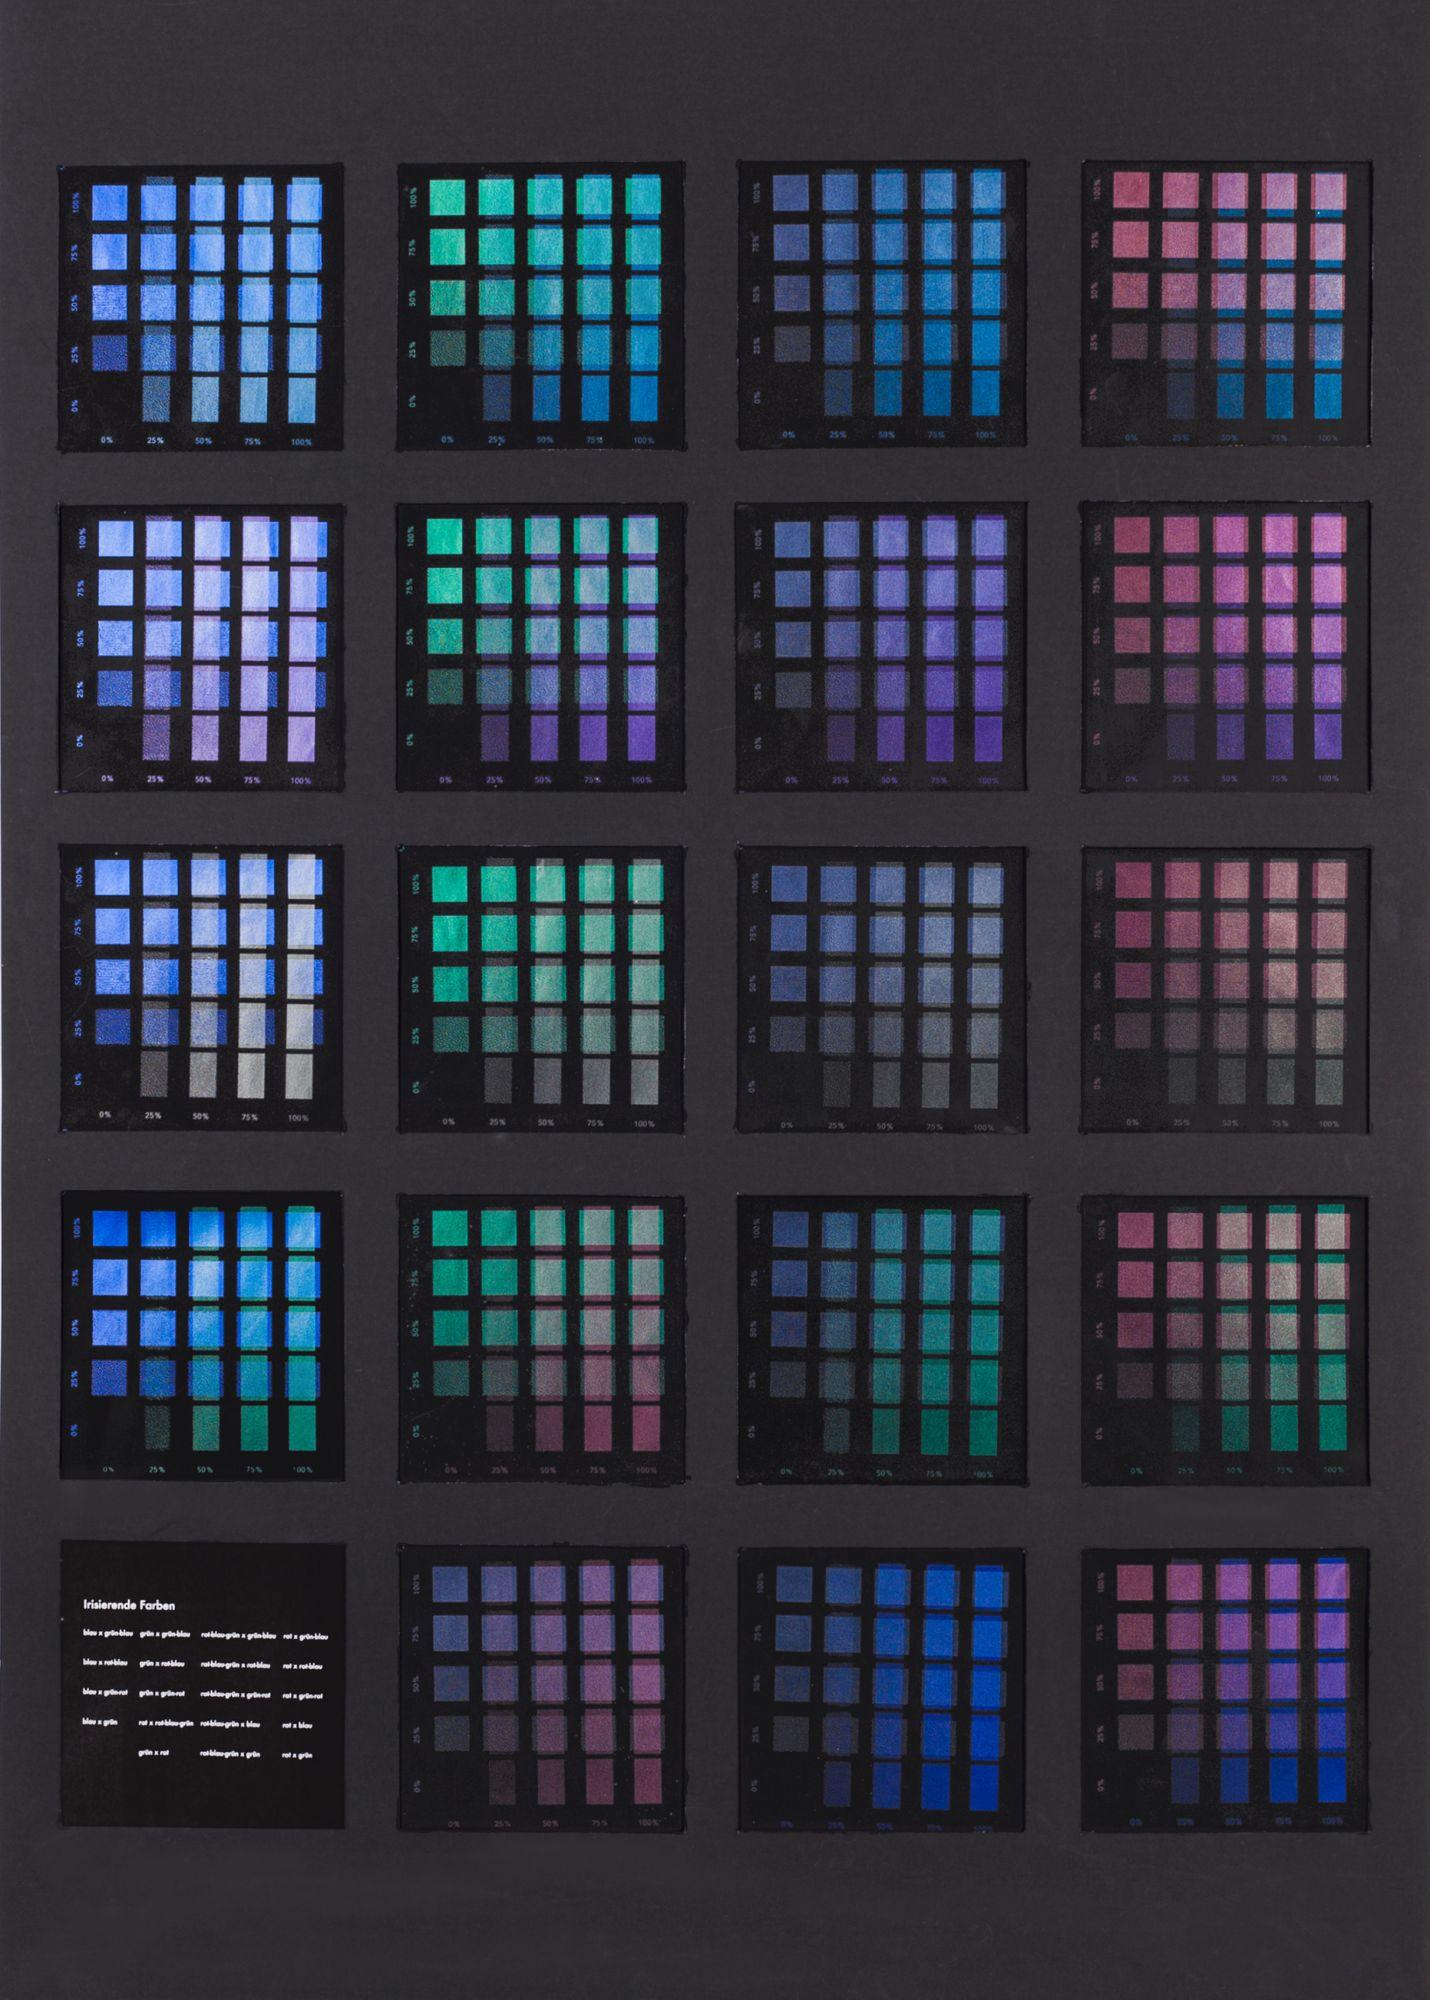 Versuchsreihen des Überdrucks von je zwei irisierenden Farben im Siebdruck. Von Moritz Aust, Jil Gielessen, Julia Reimann.